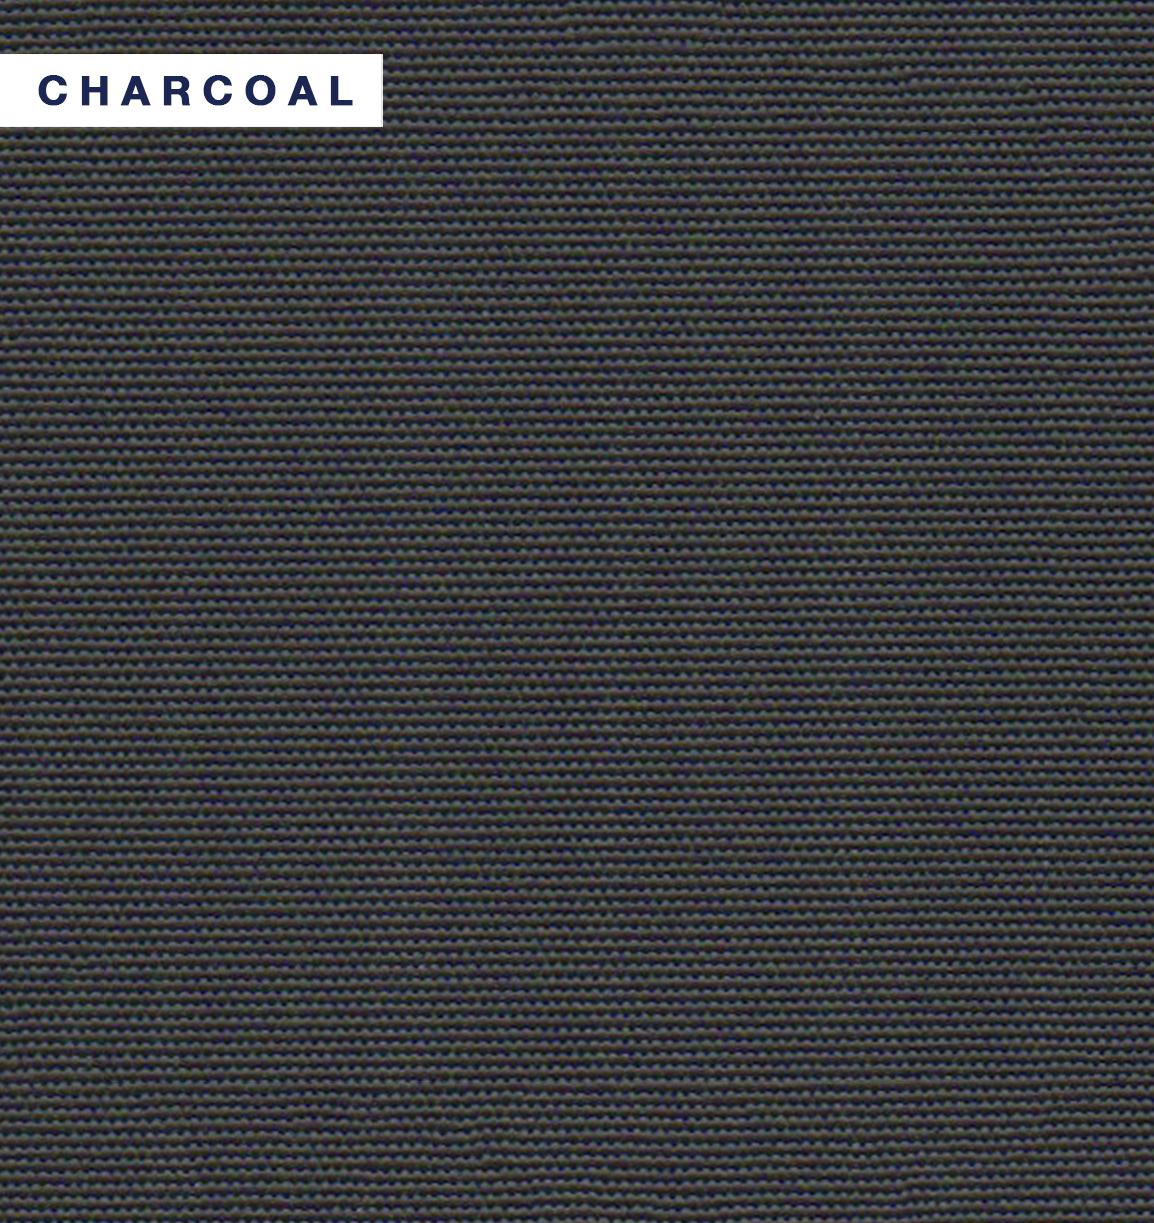 One Block - Charcoal.jpg